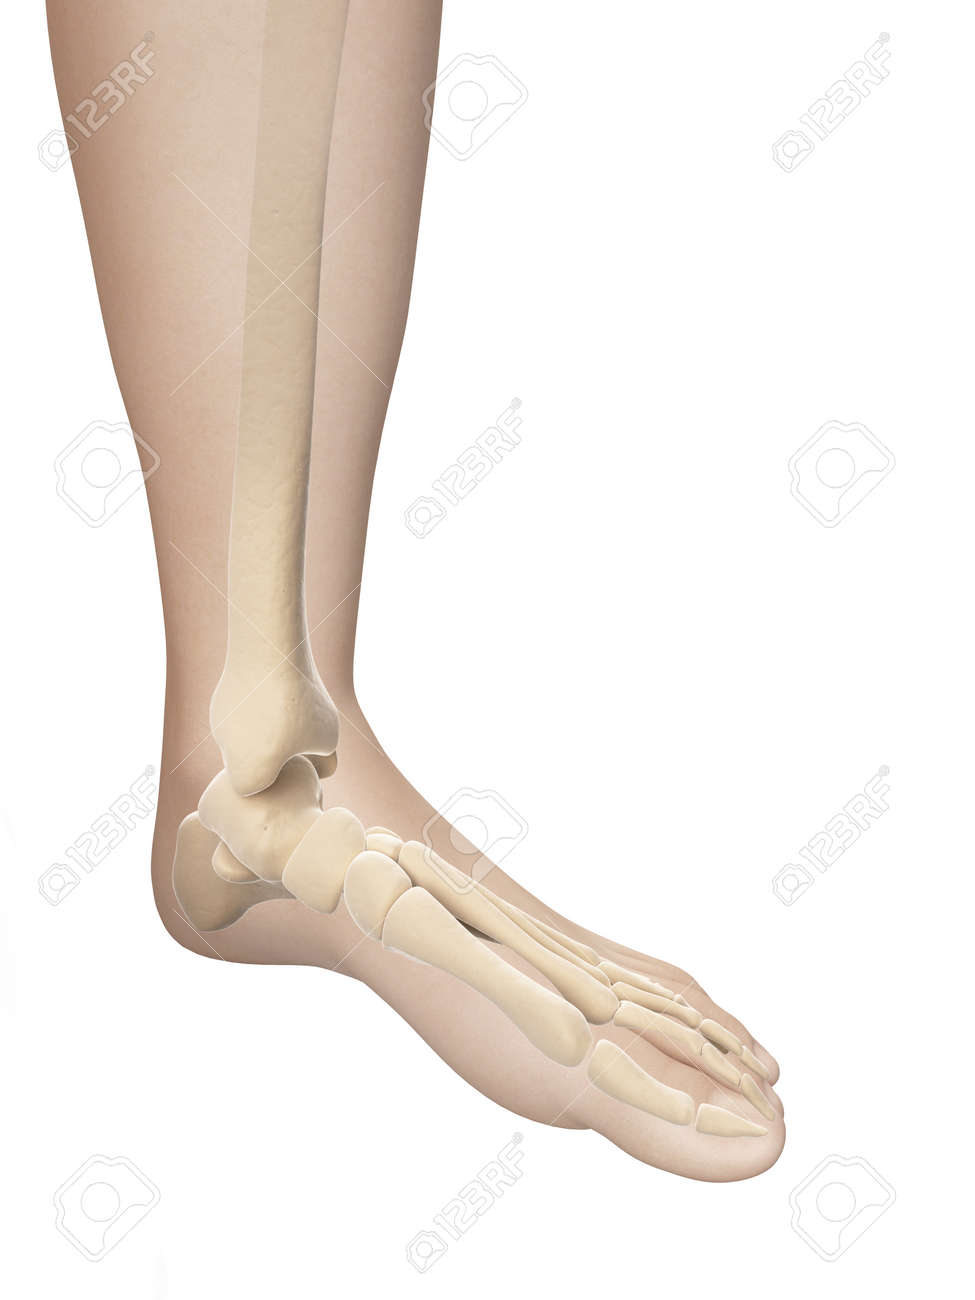 Skelett-Fuß-Anatomie Lizenzfreie Fotos, Bilder Und Stock Fotografie ...